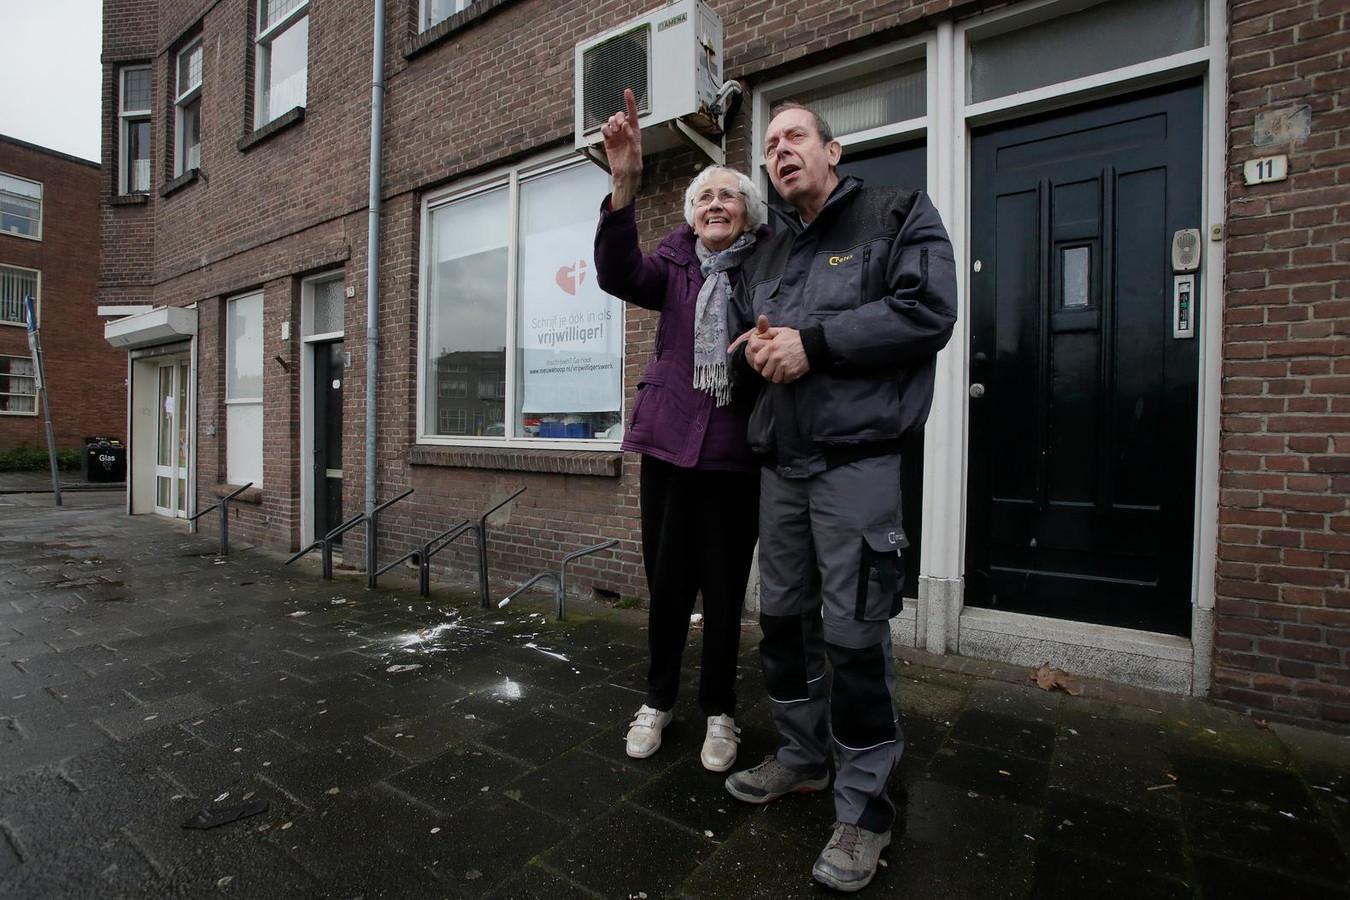 Schoonma woonde als kind in zaak foto ad.nl